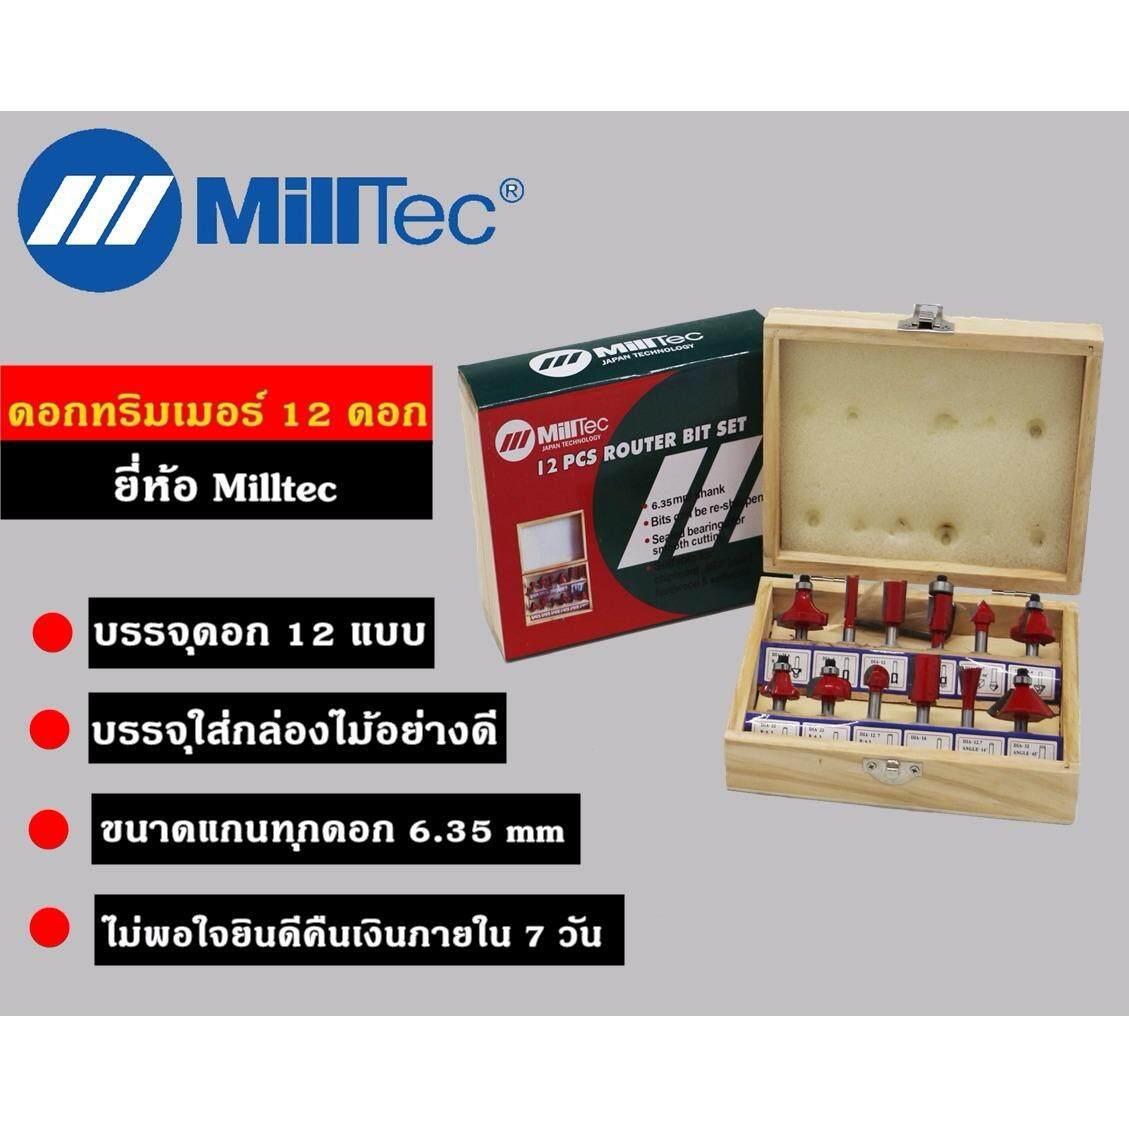 ราคา Milltec ชุดดอกทริมเมอร์ 1 4 ชุด 12 ดอก สีแดง Miltec เป็นต้นฉบับ